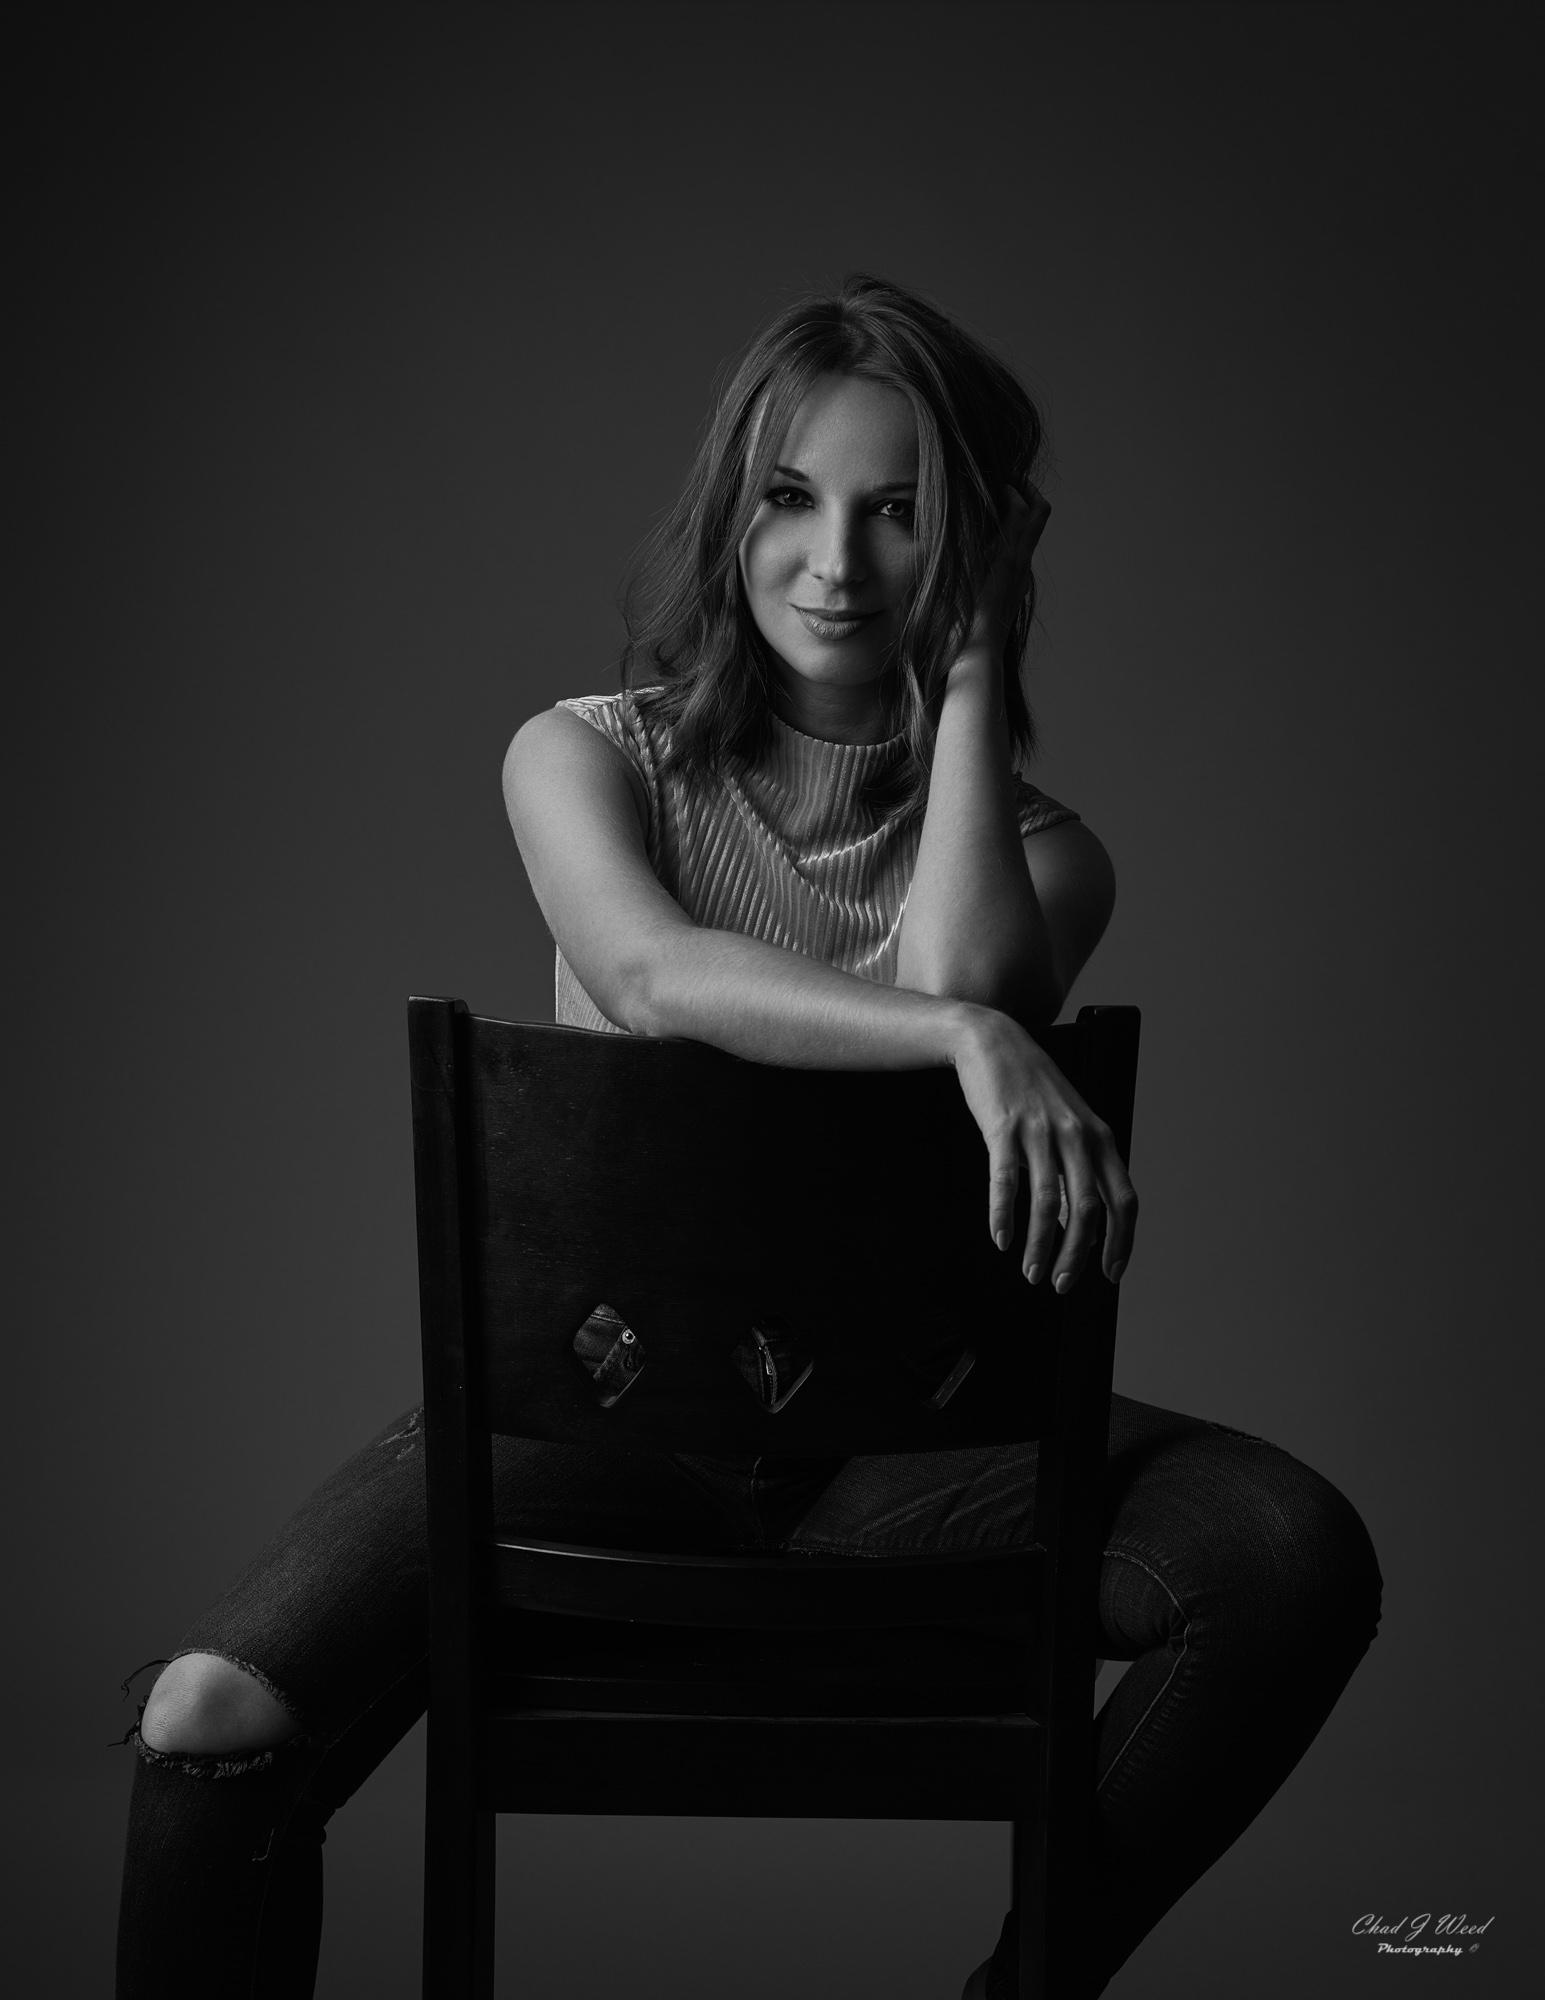 Kika Actress/Model by Mesa Arizona Fashion Portrait Photographer Chad Weed